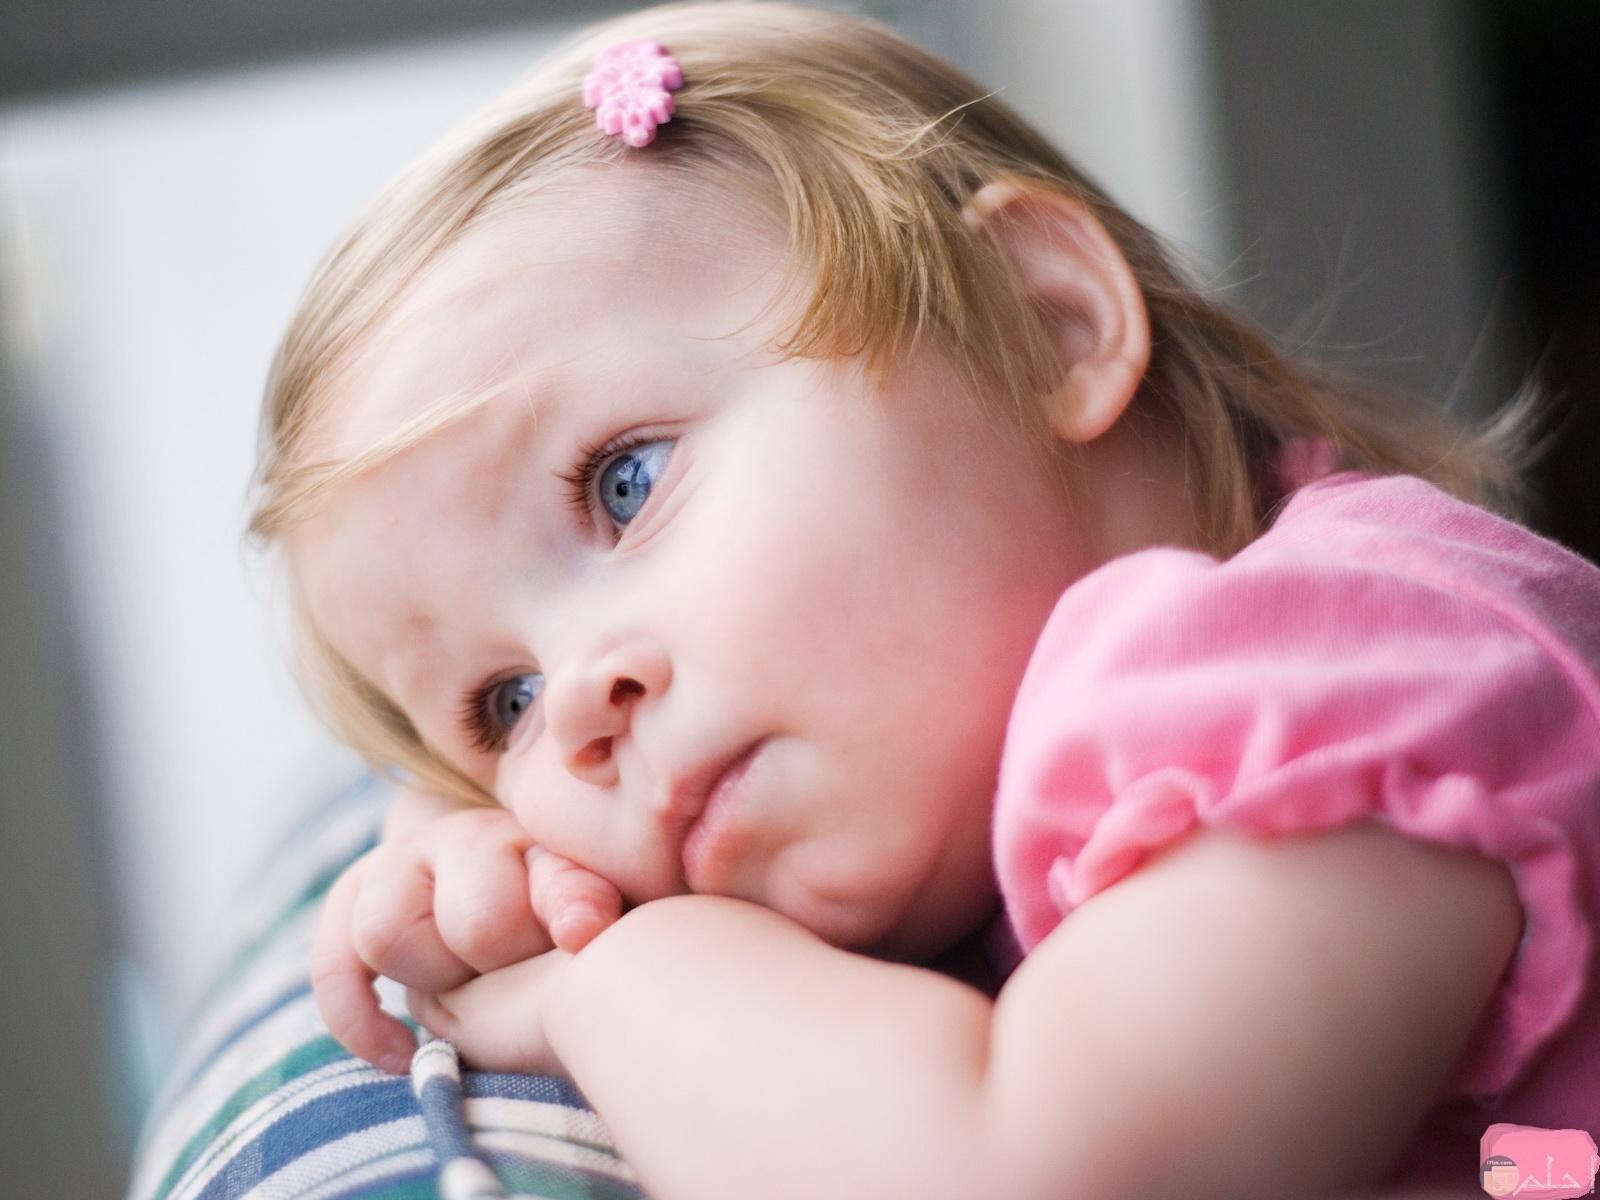 انتظار الطفلة قدوم والدها.